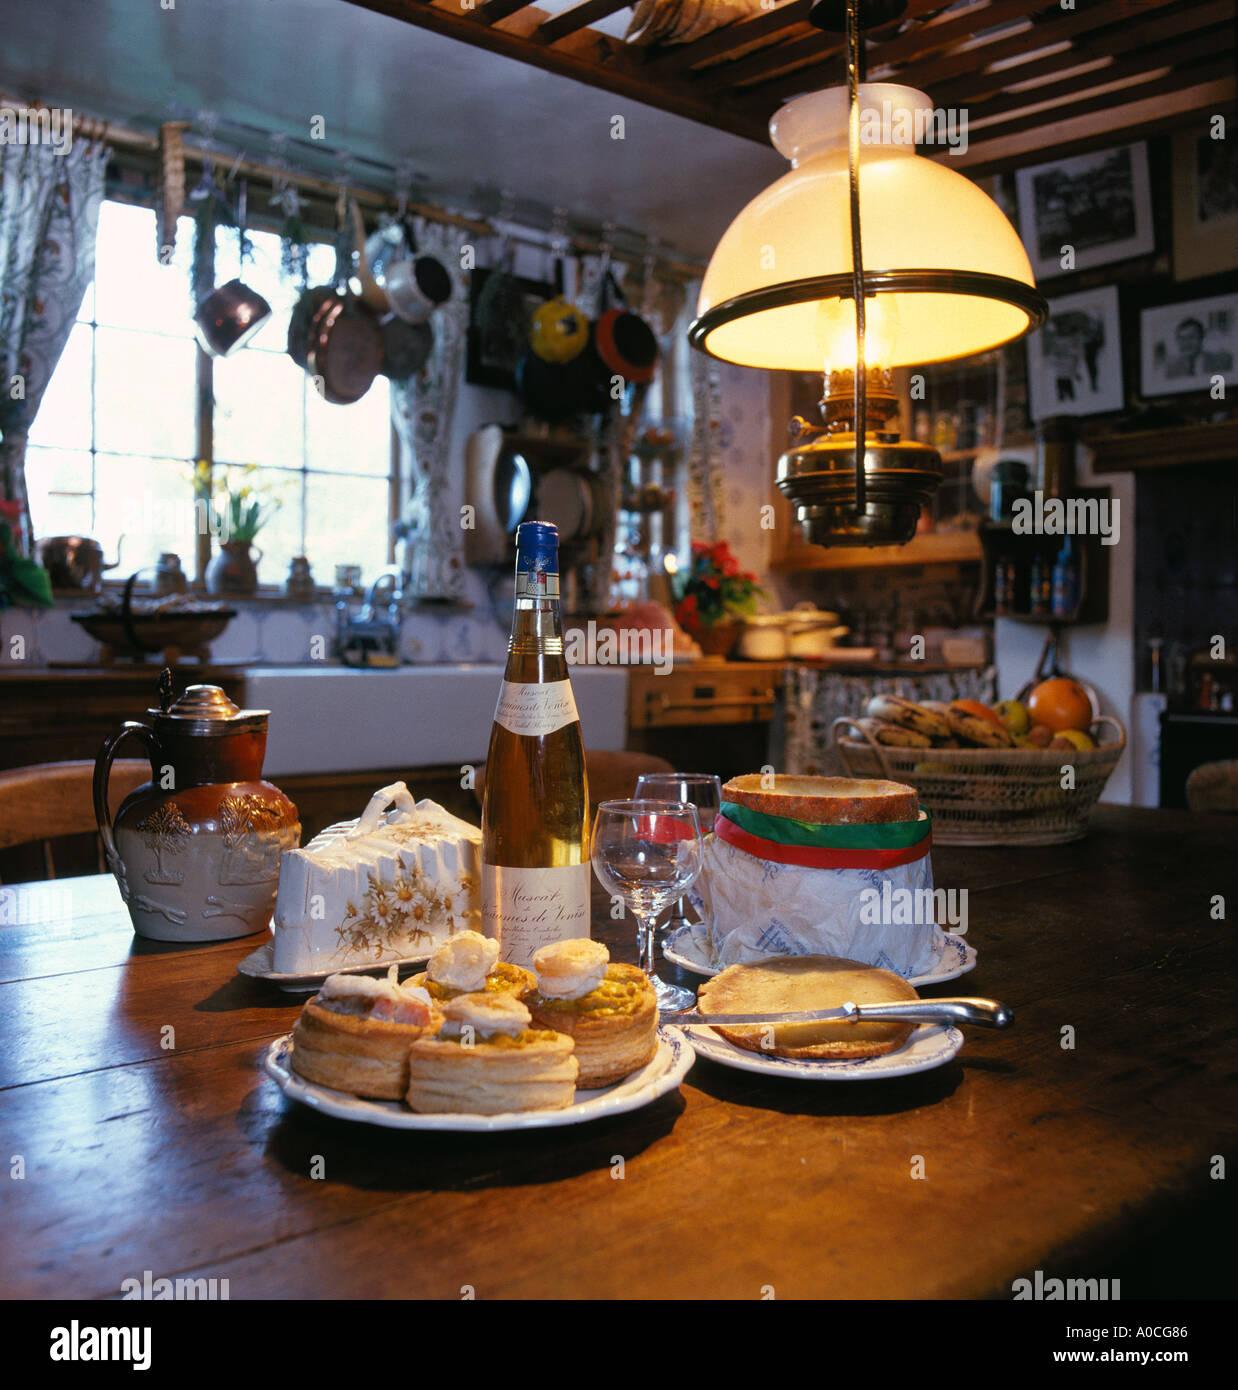 Englische Landhausküche Stockbild